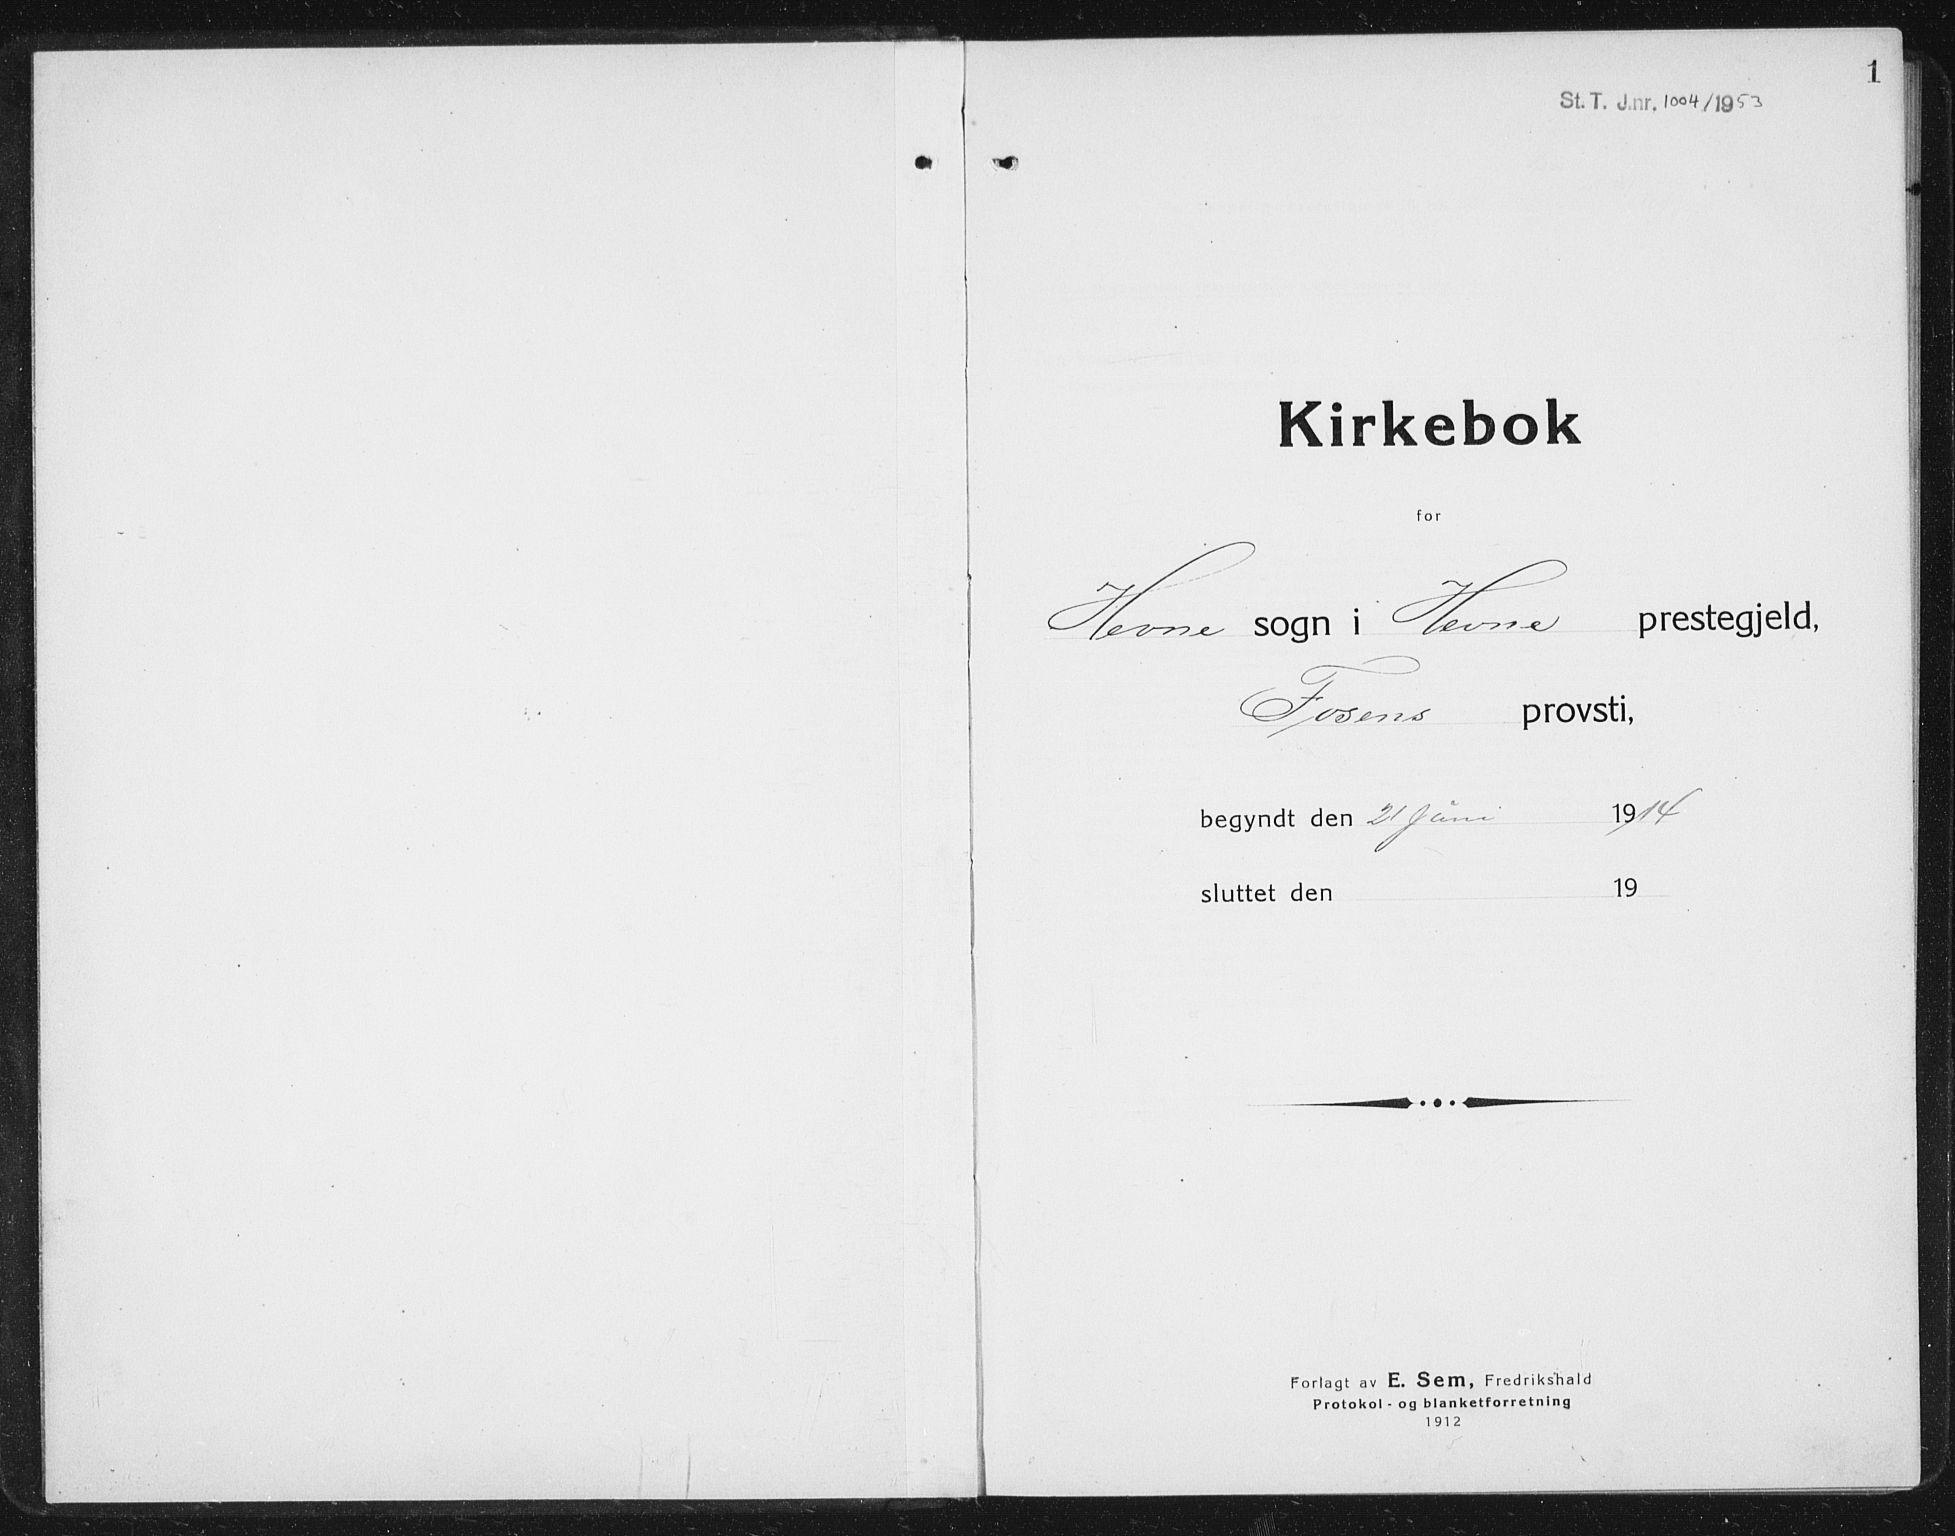 SAT, Ministerialprotokoller, klokkerbøker og fødselsregistre - Sør-Trøndelag, 630/L0506: Klokkerbok nr. 630C04, 1914-1933, s. 1